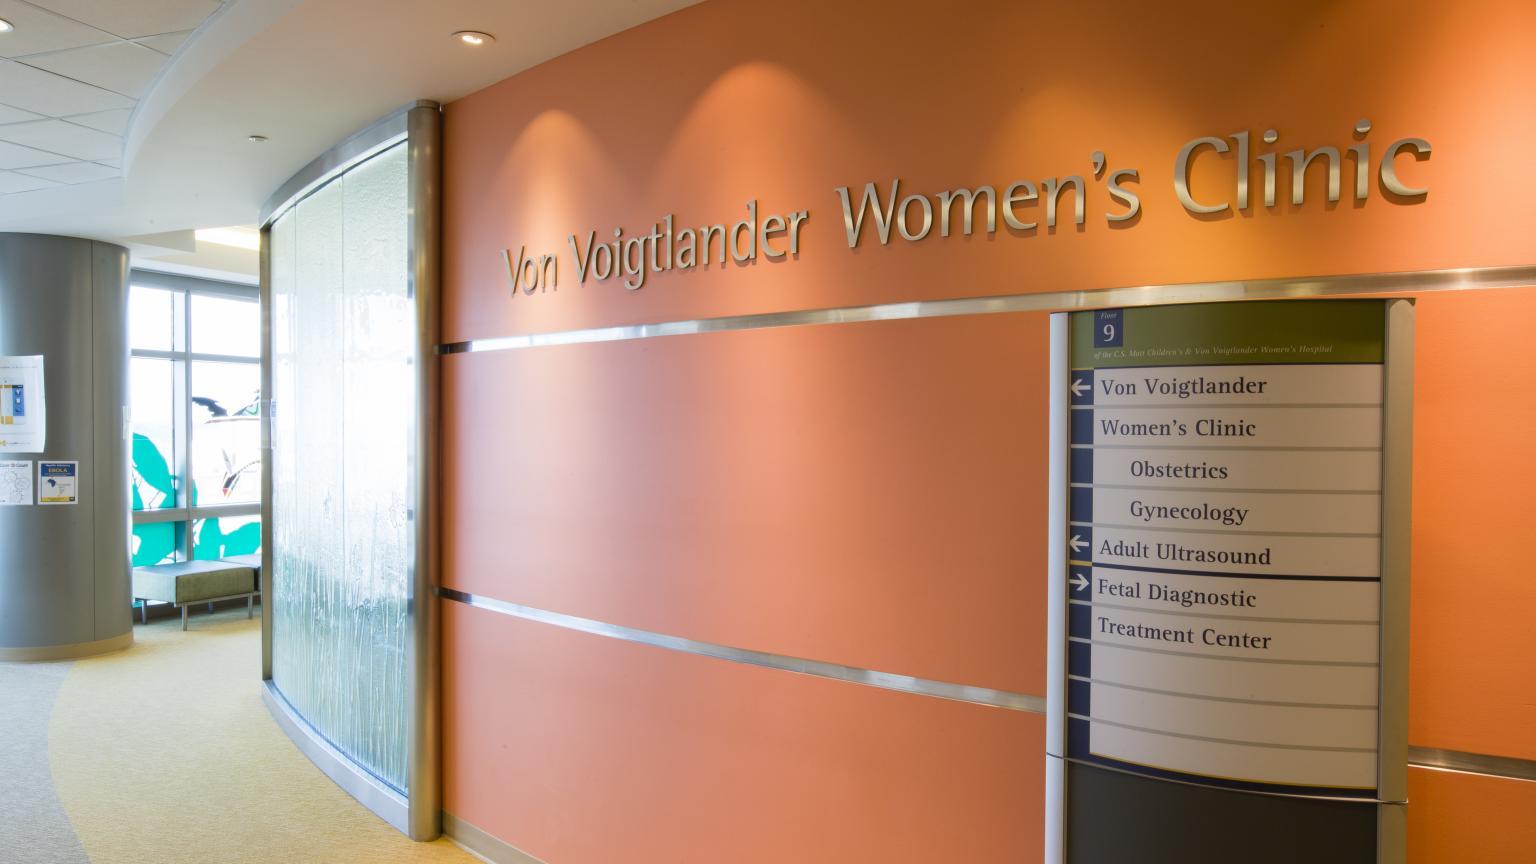 Von Voigtlander Women's Clinic